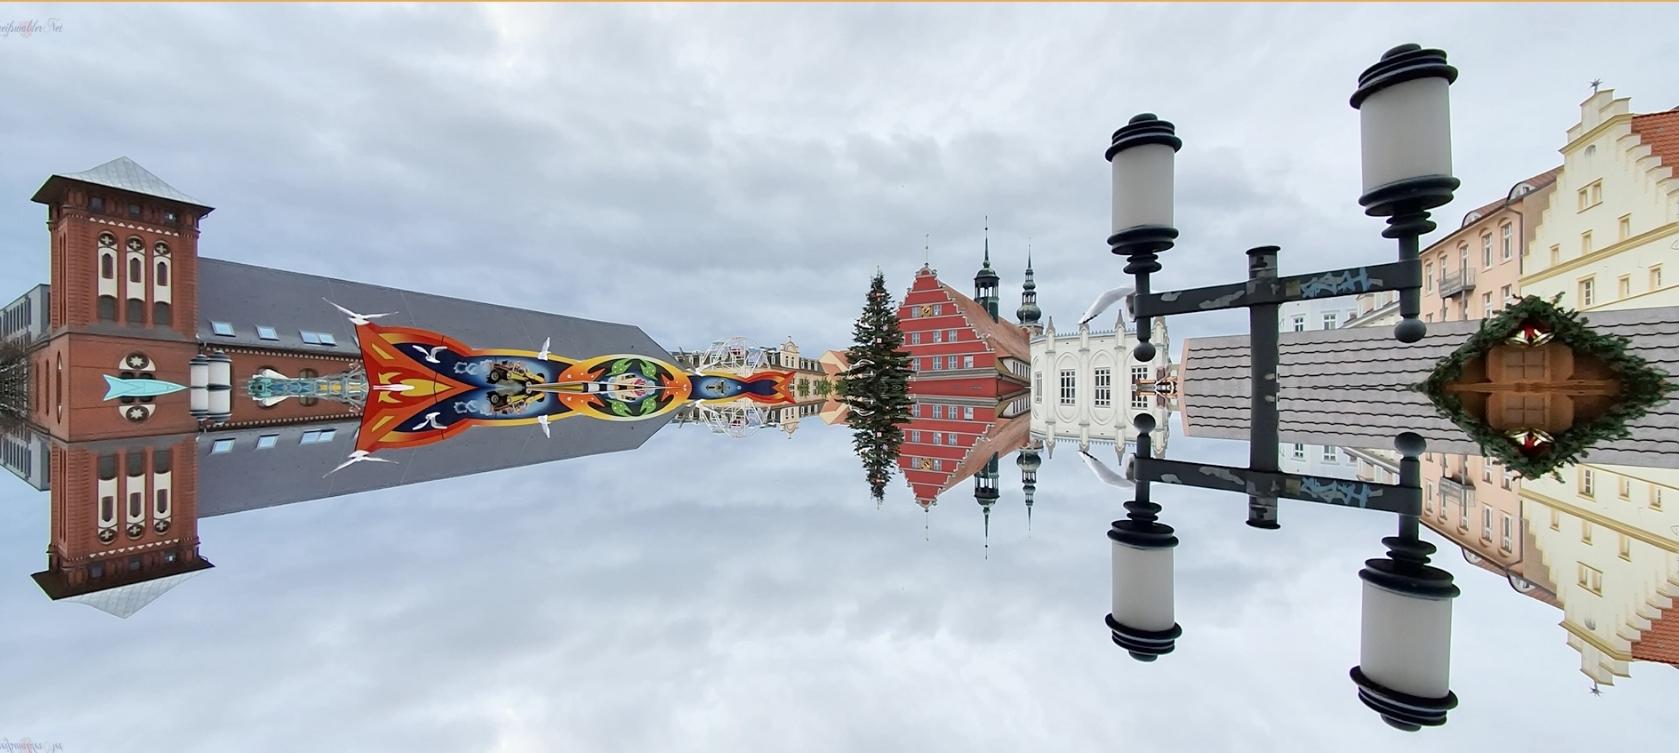 Spiegelung - Marktplatz Greifswald im Advent